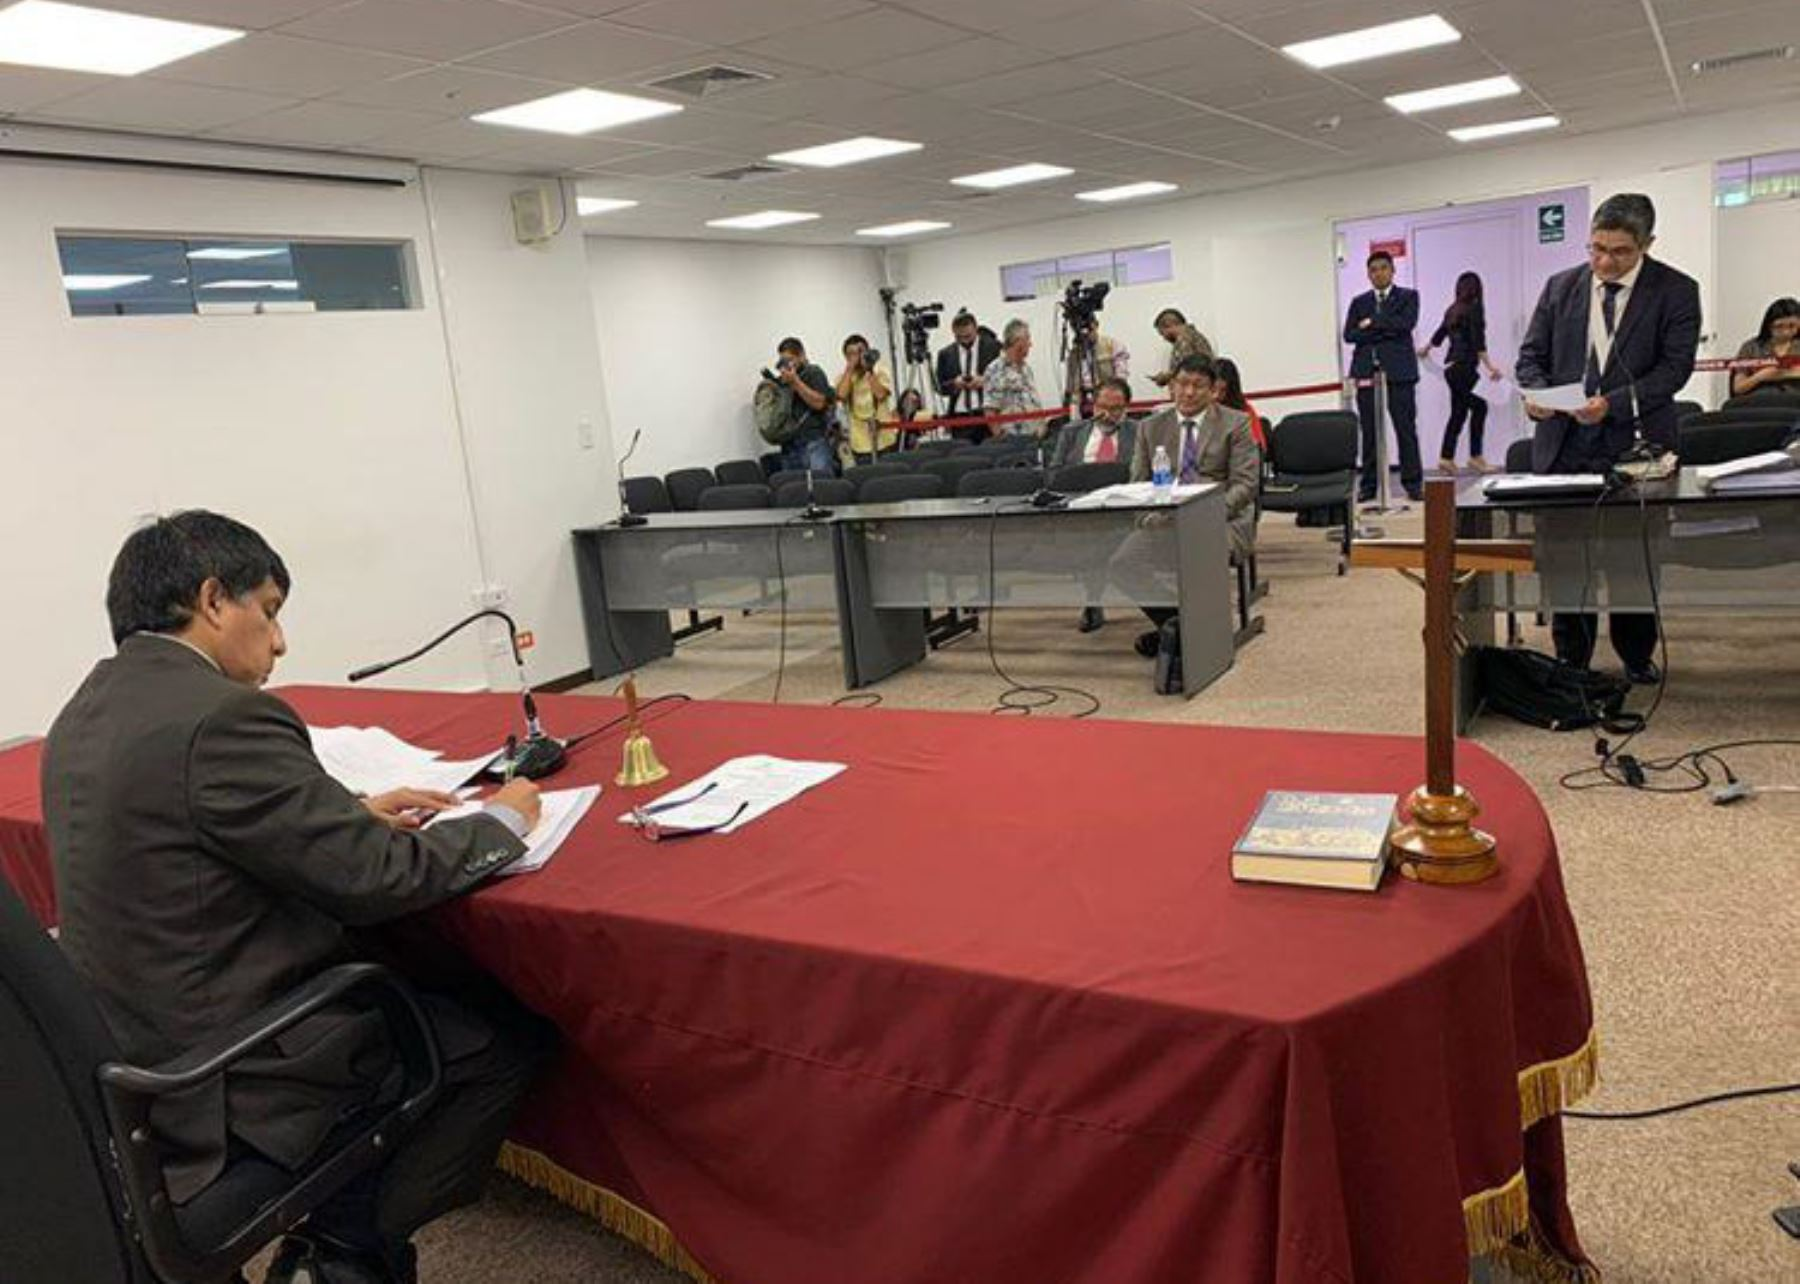 Audiencia de impedimento de salida del país del empresario chileno Gerardo Sepúlveda.